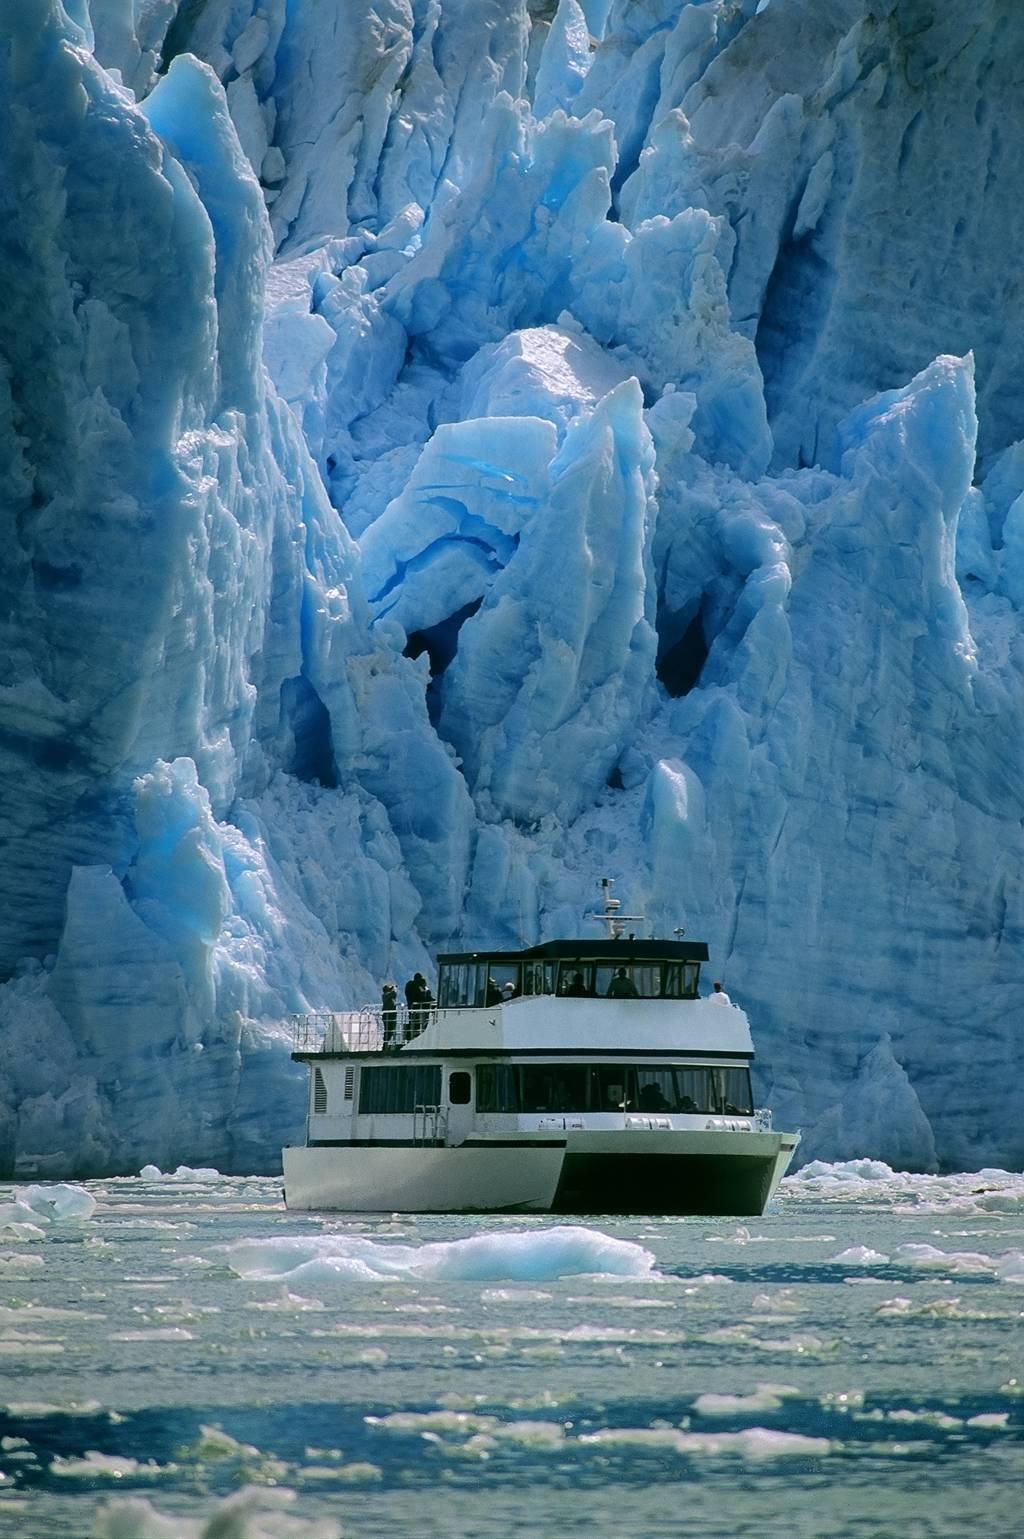 Tracy Arm Fjord Amp Glacier Explorer Allen Marine Tours